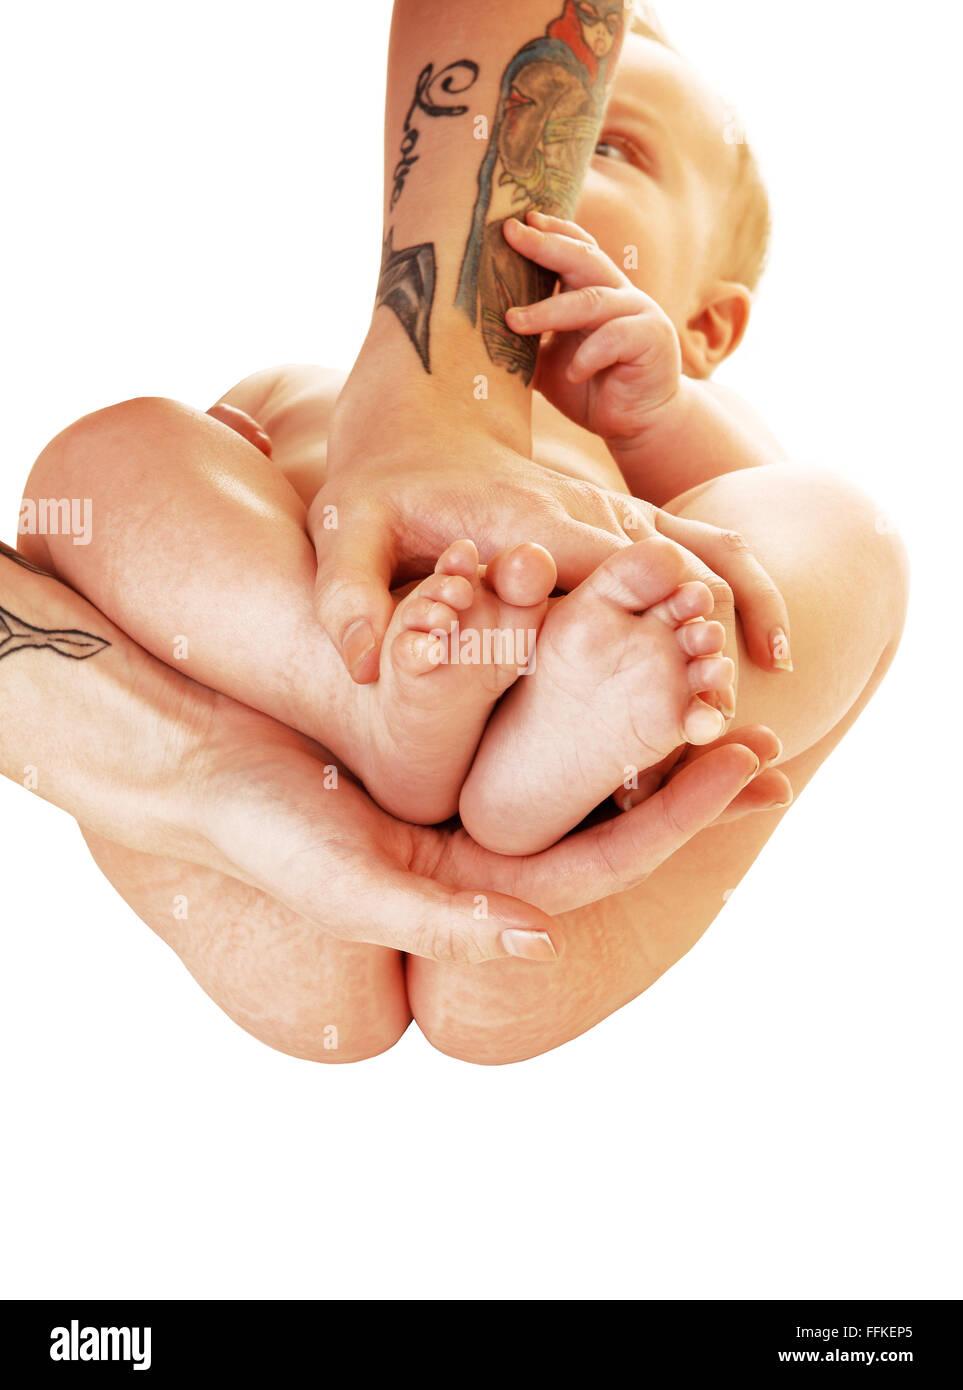 Une Jeune Mere En Tatouage Sur Ses Bras Tenant Les Pieds De Son Bebe